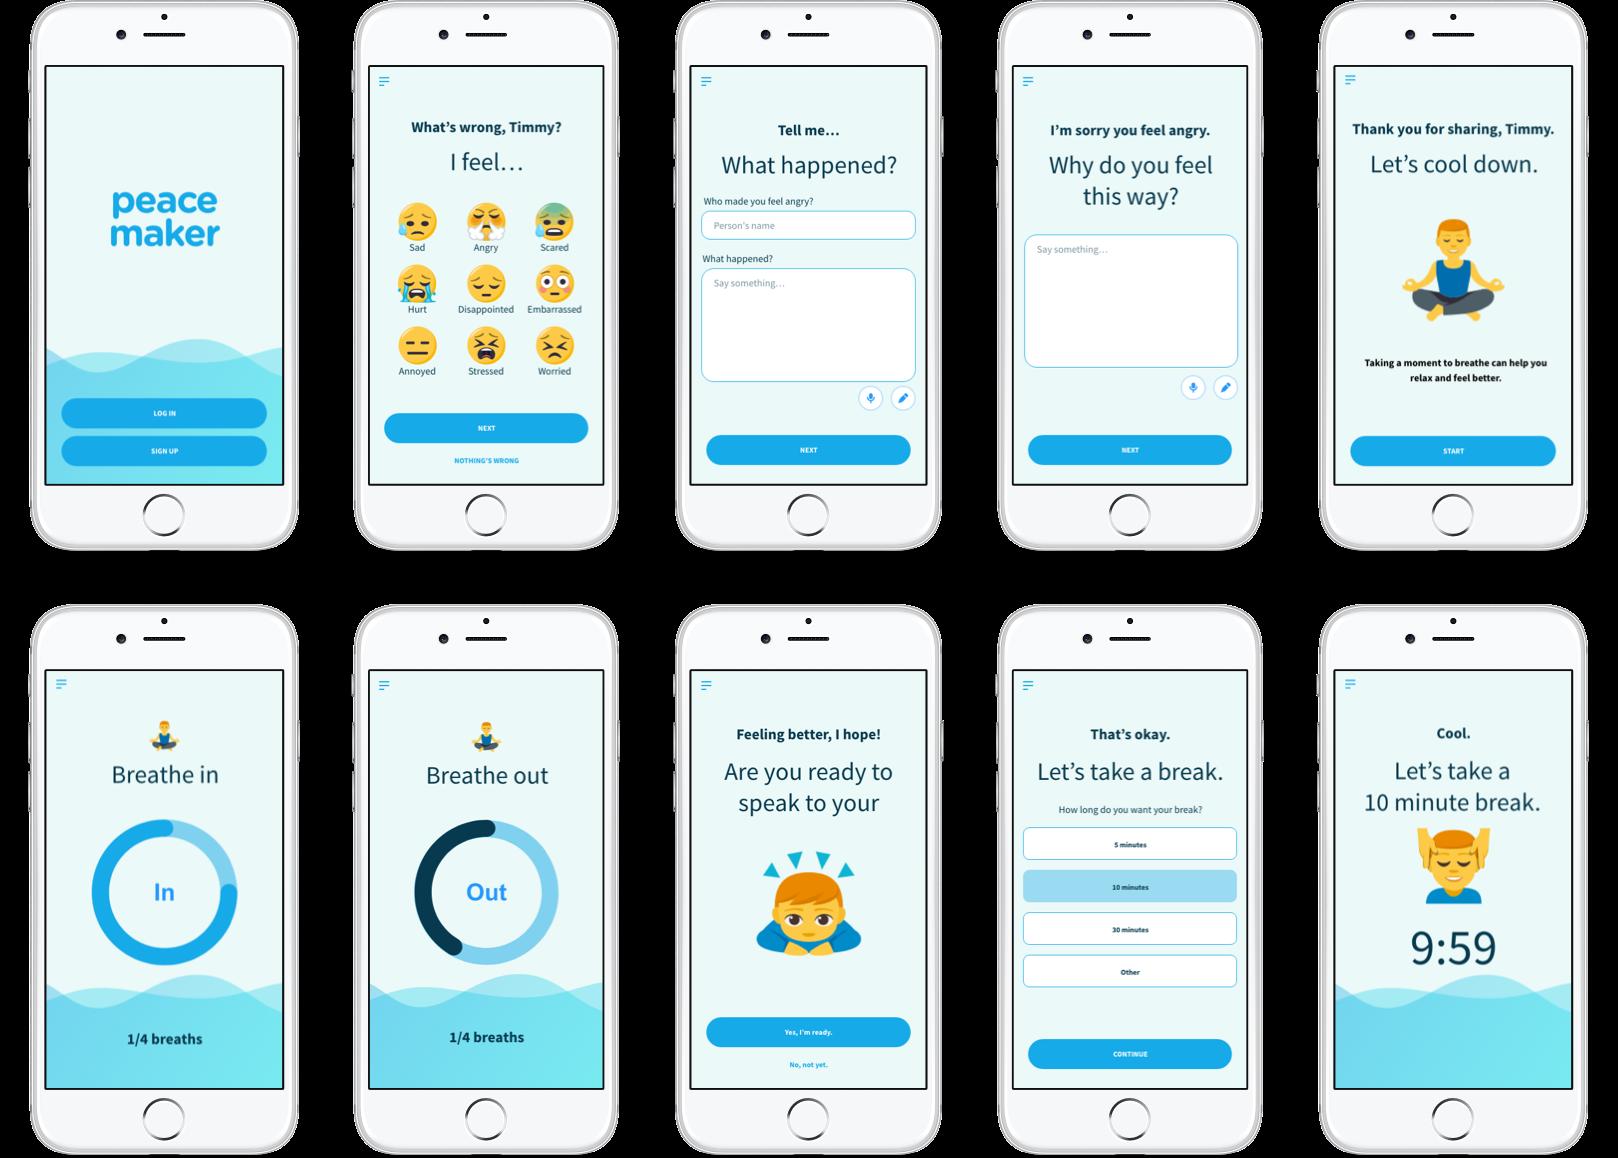 Peacemaker mobile app screens